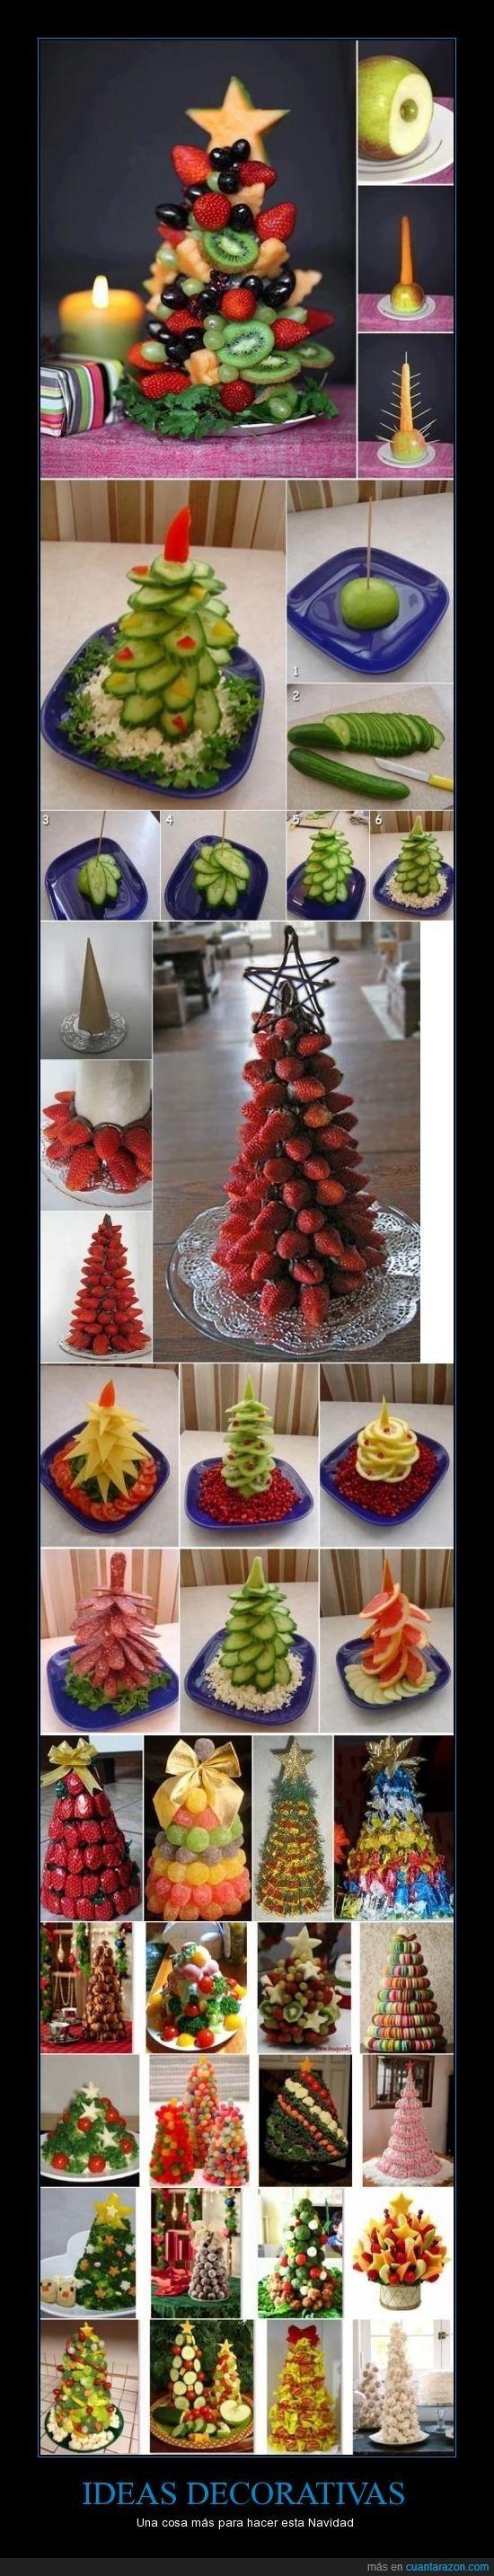 Ideas decorativas una cosa m s para hacer esta navidad for Ideas decorativas para cocinas pequenas